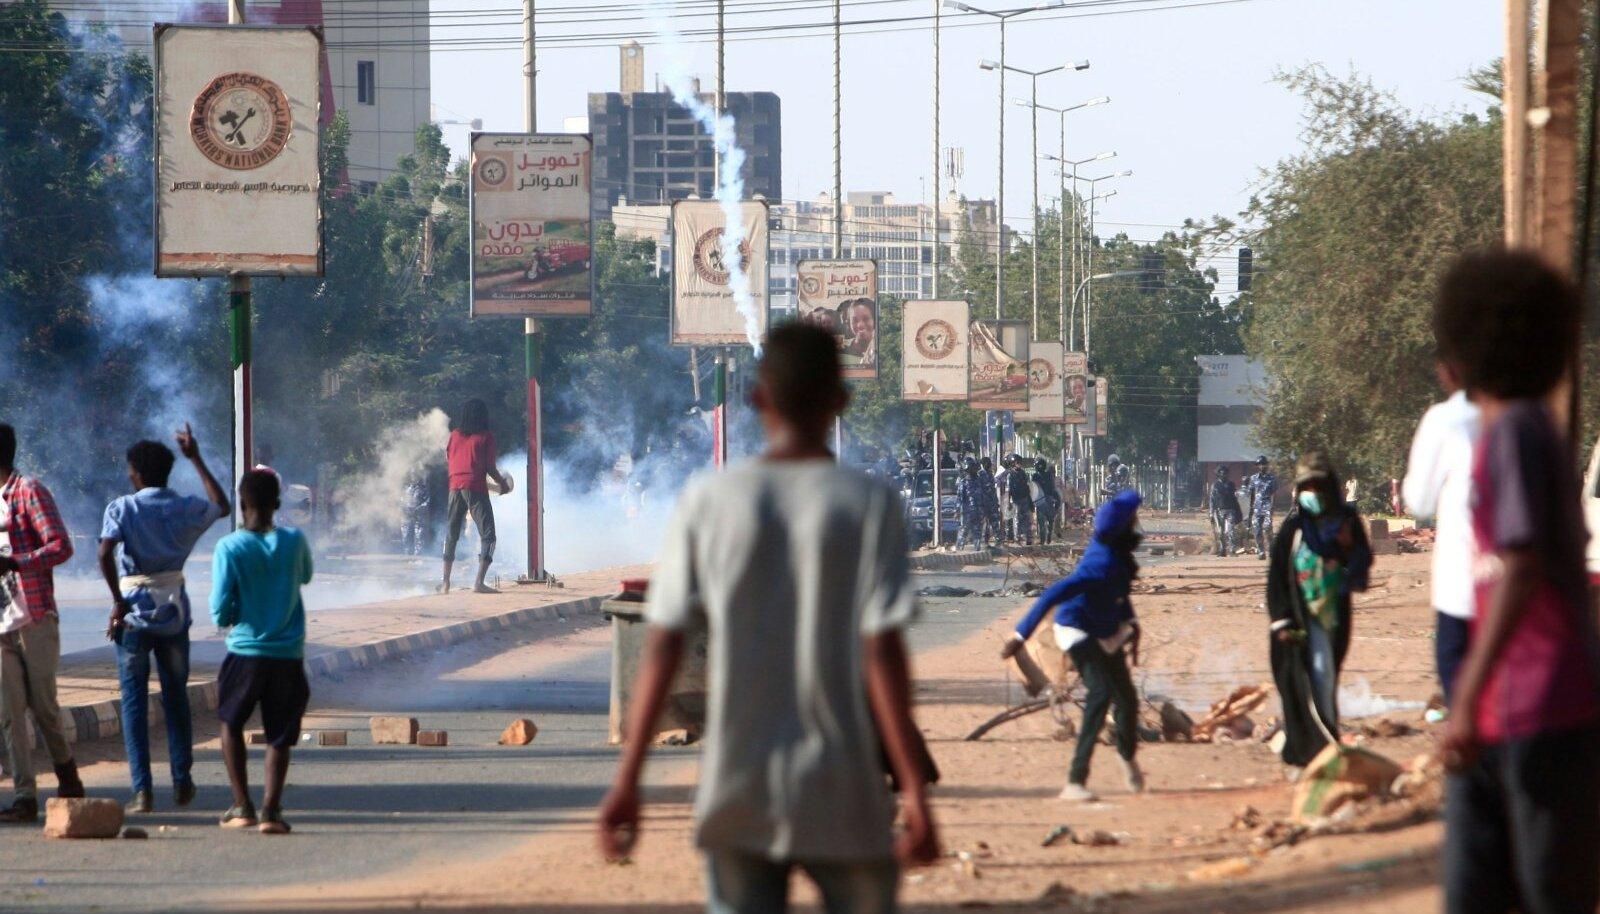 REVOLUTSIOON ELAB: Araabia kevade algusest on möödas juba kümme aastat, ent samas vaimus kukutasid sudaanlased tänavu oma pikaaegse diktaatori.